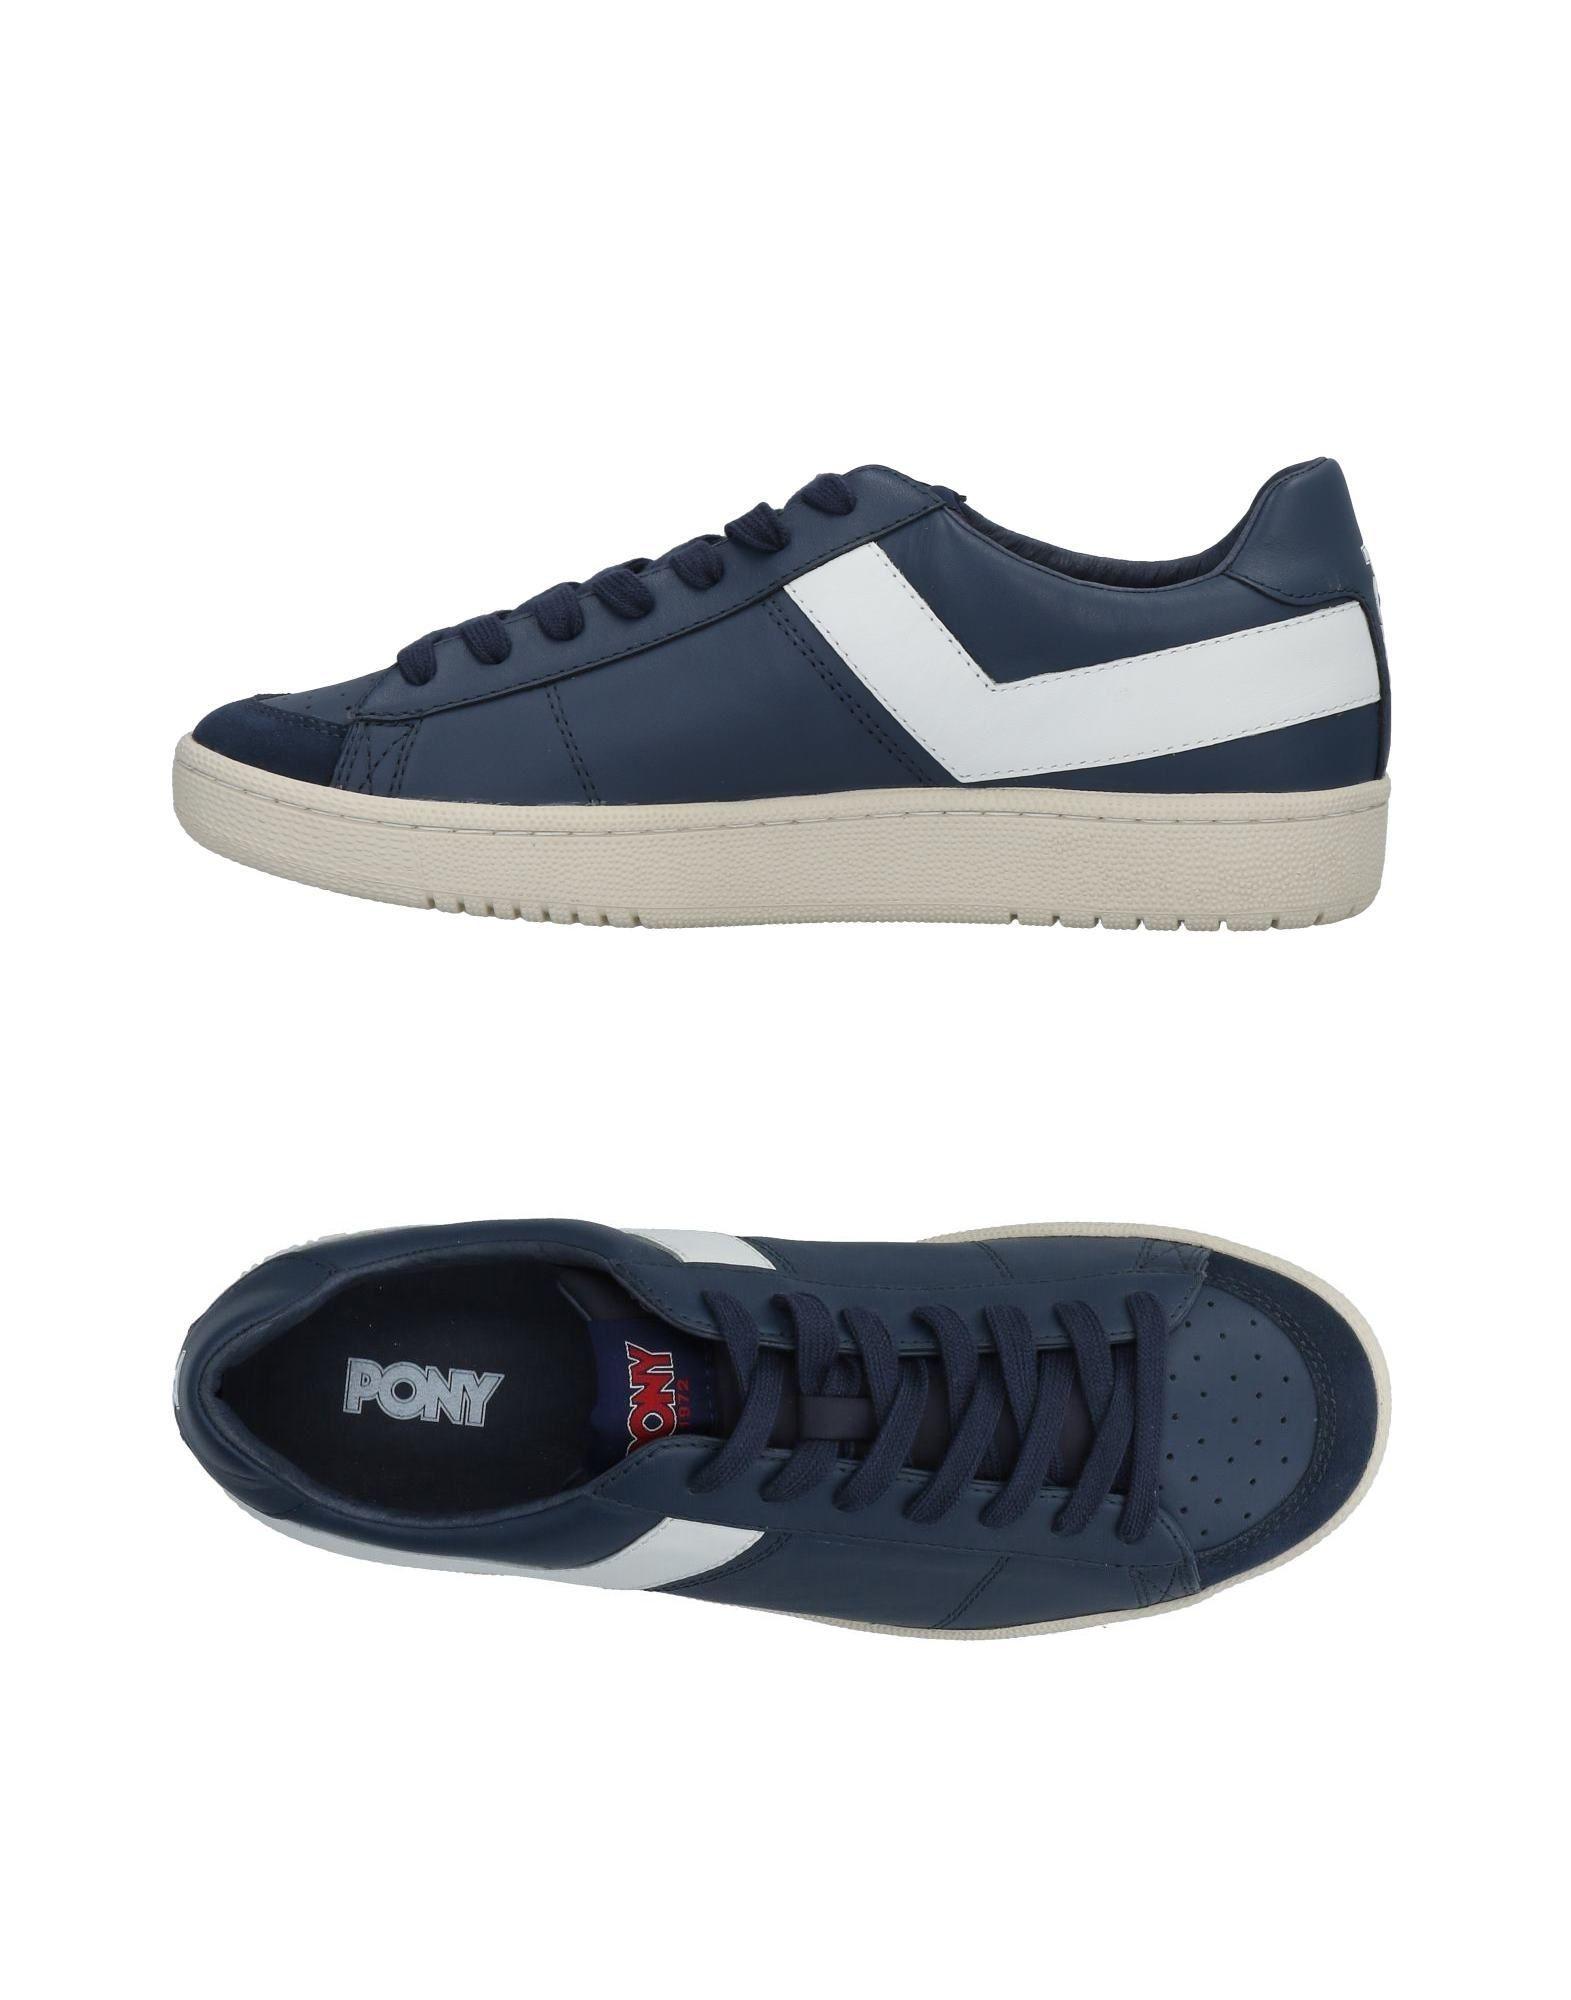 Scarpe economiche e resistenti Sneakers Pony Uomo - 11485312VT